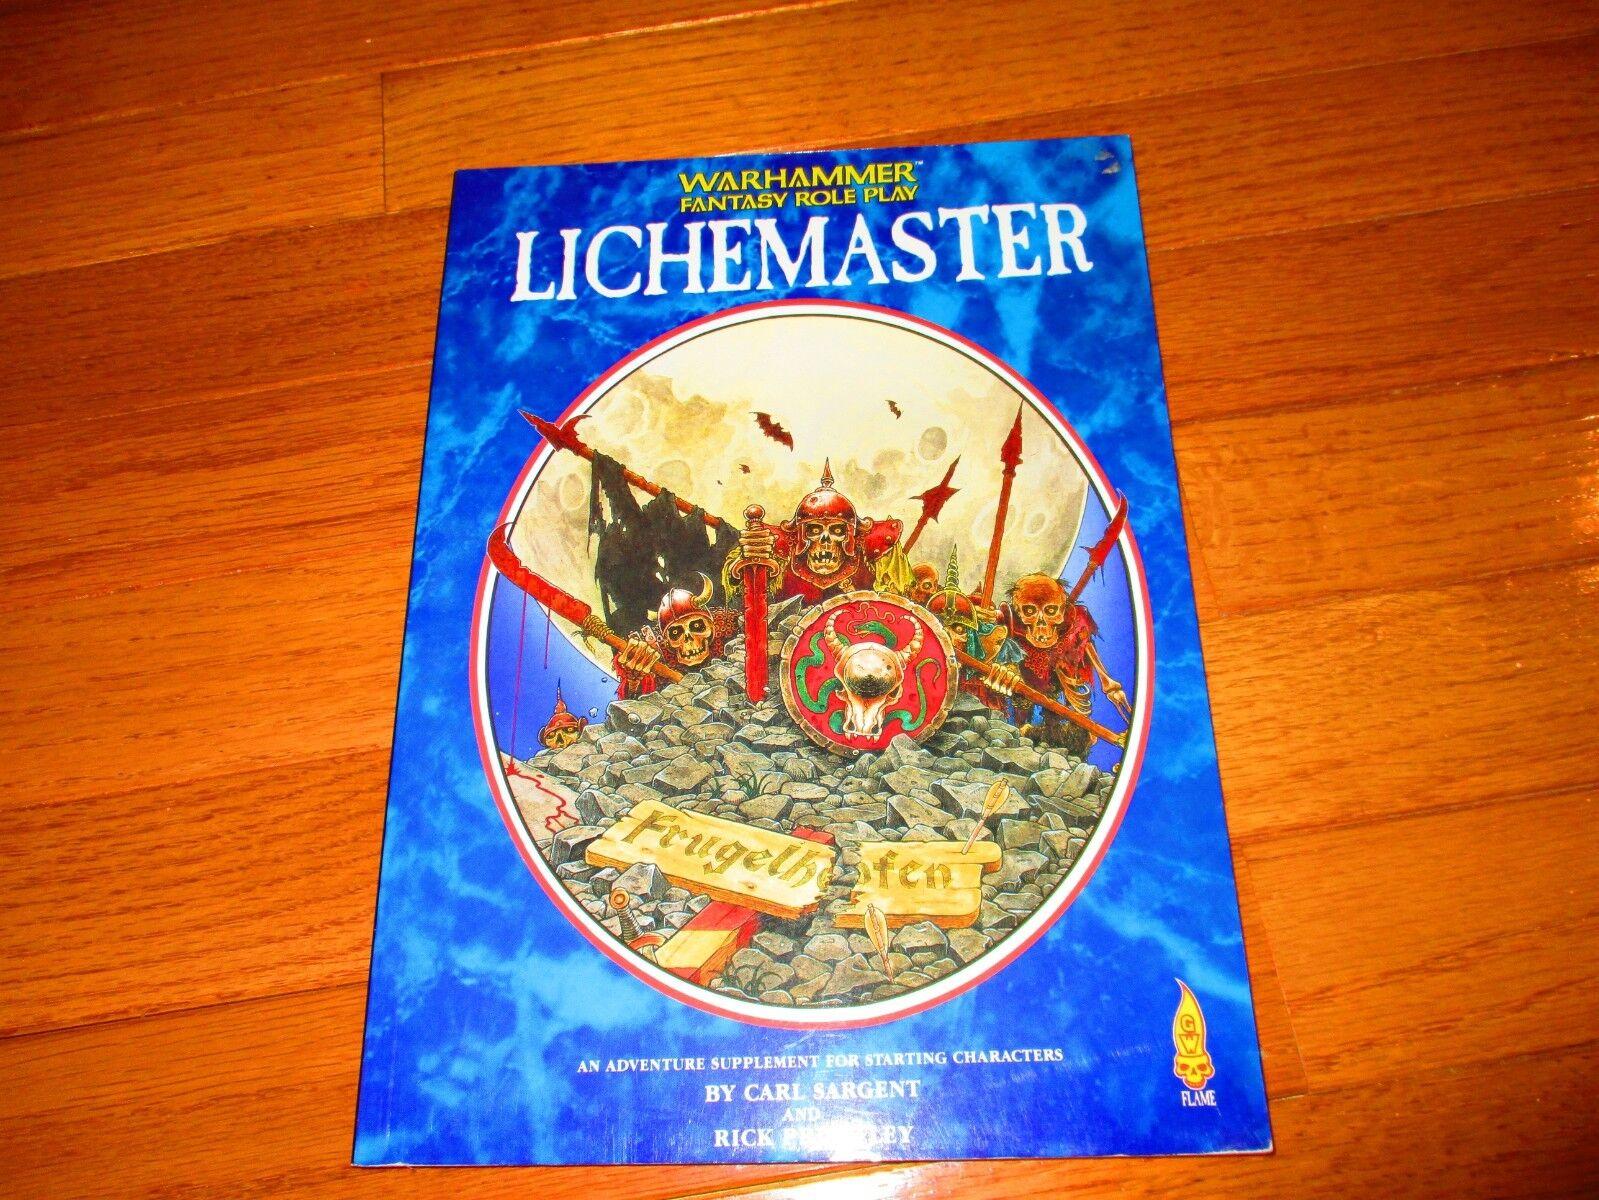 Warhammer Fantasy RPG 1st Ed Lichemaster